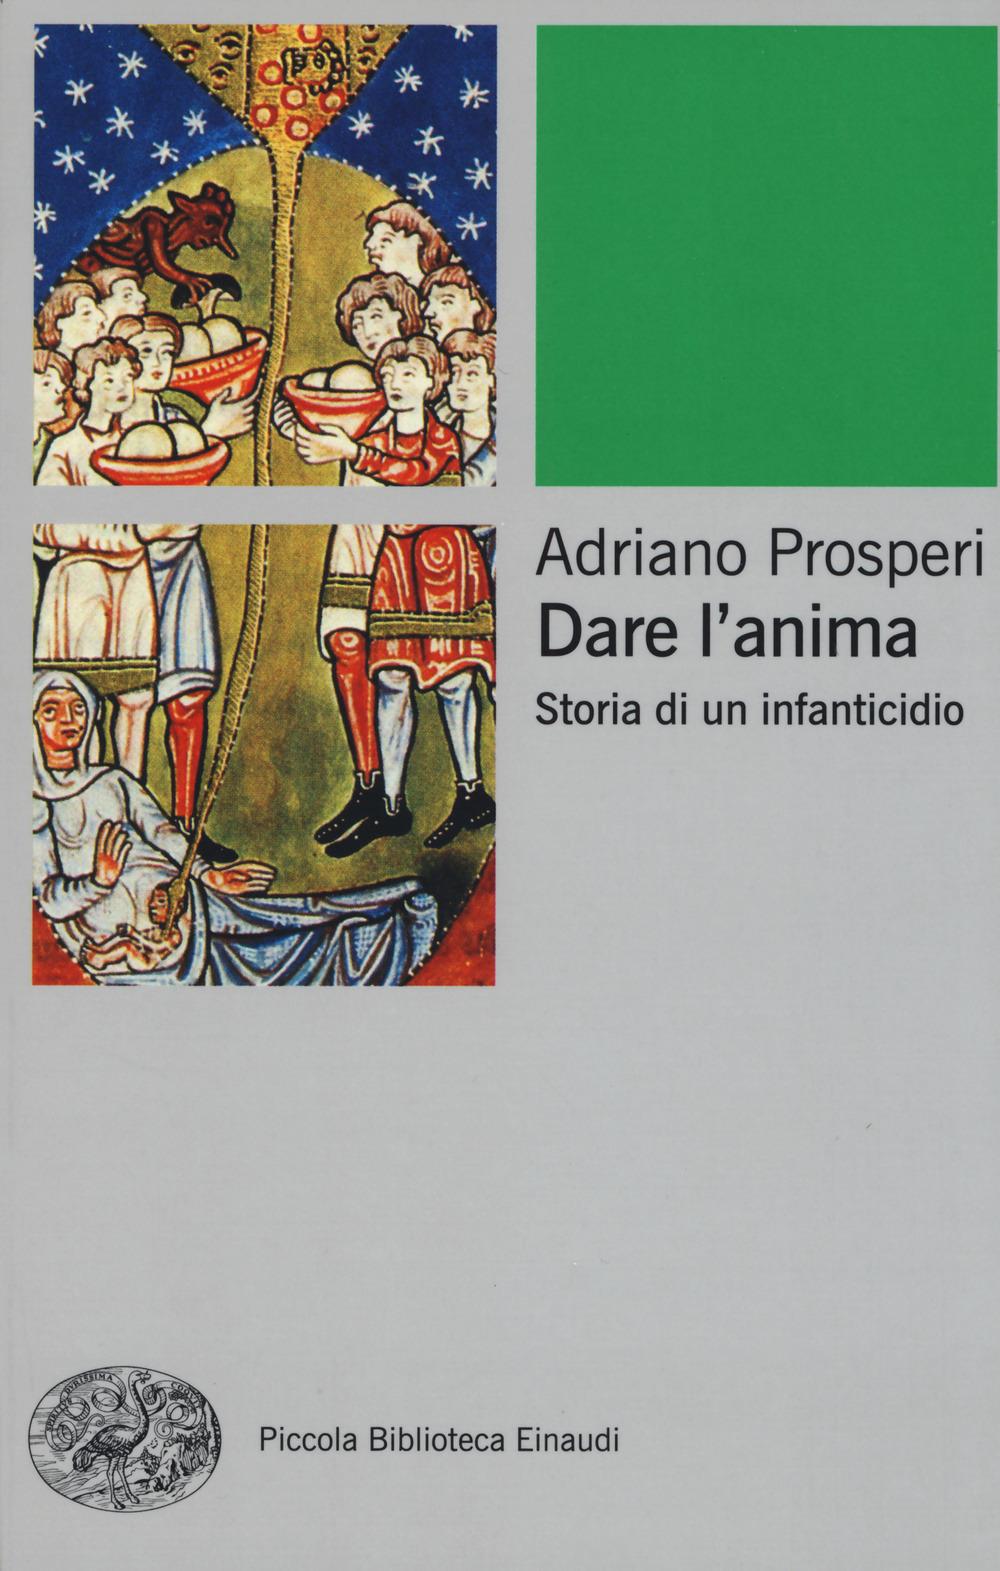 Adriano Prosperi: Dare l'anima